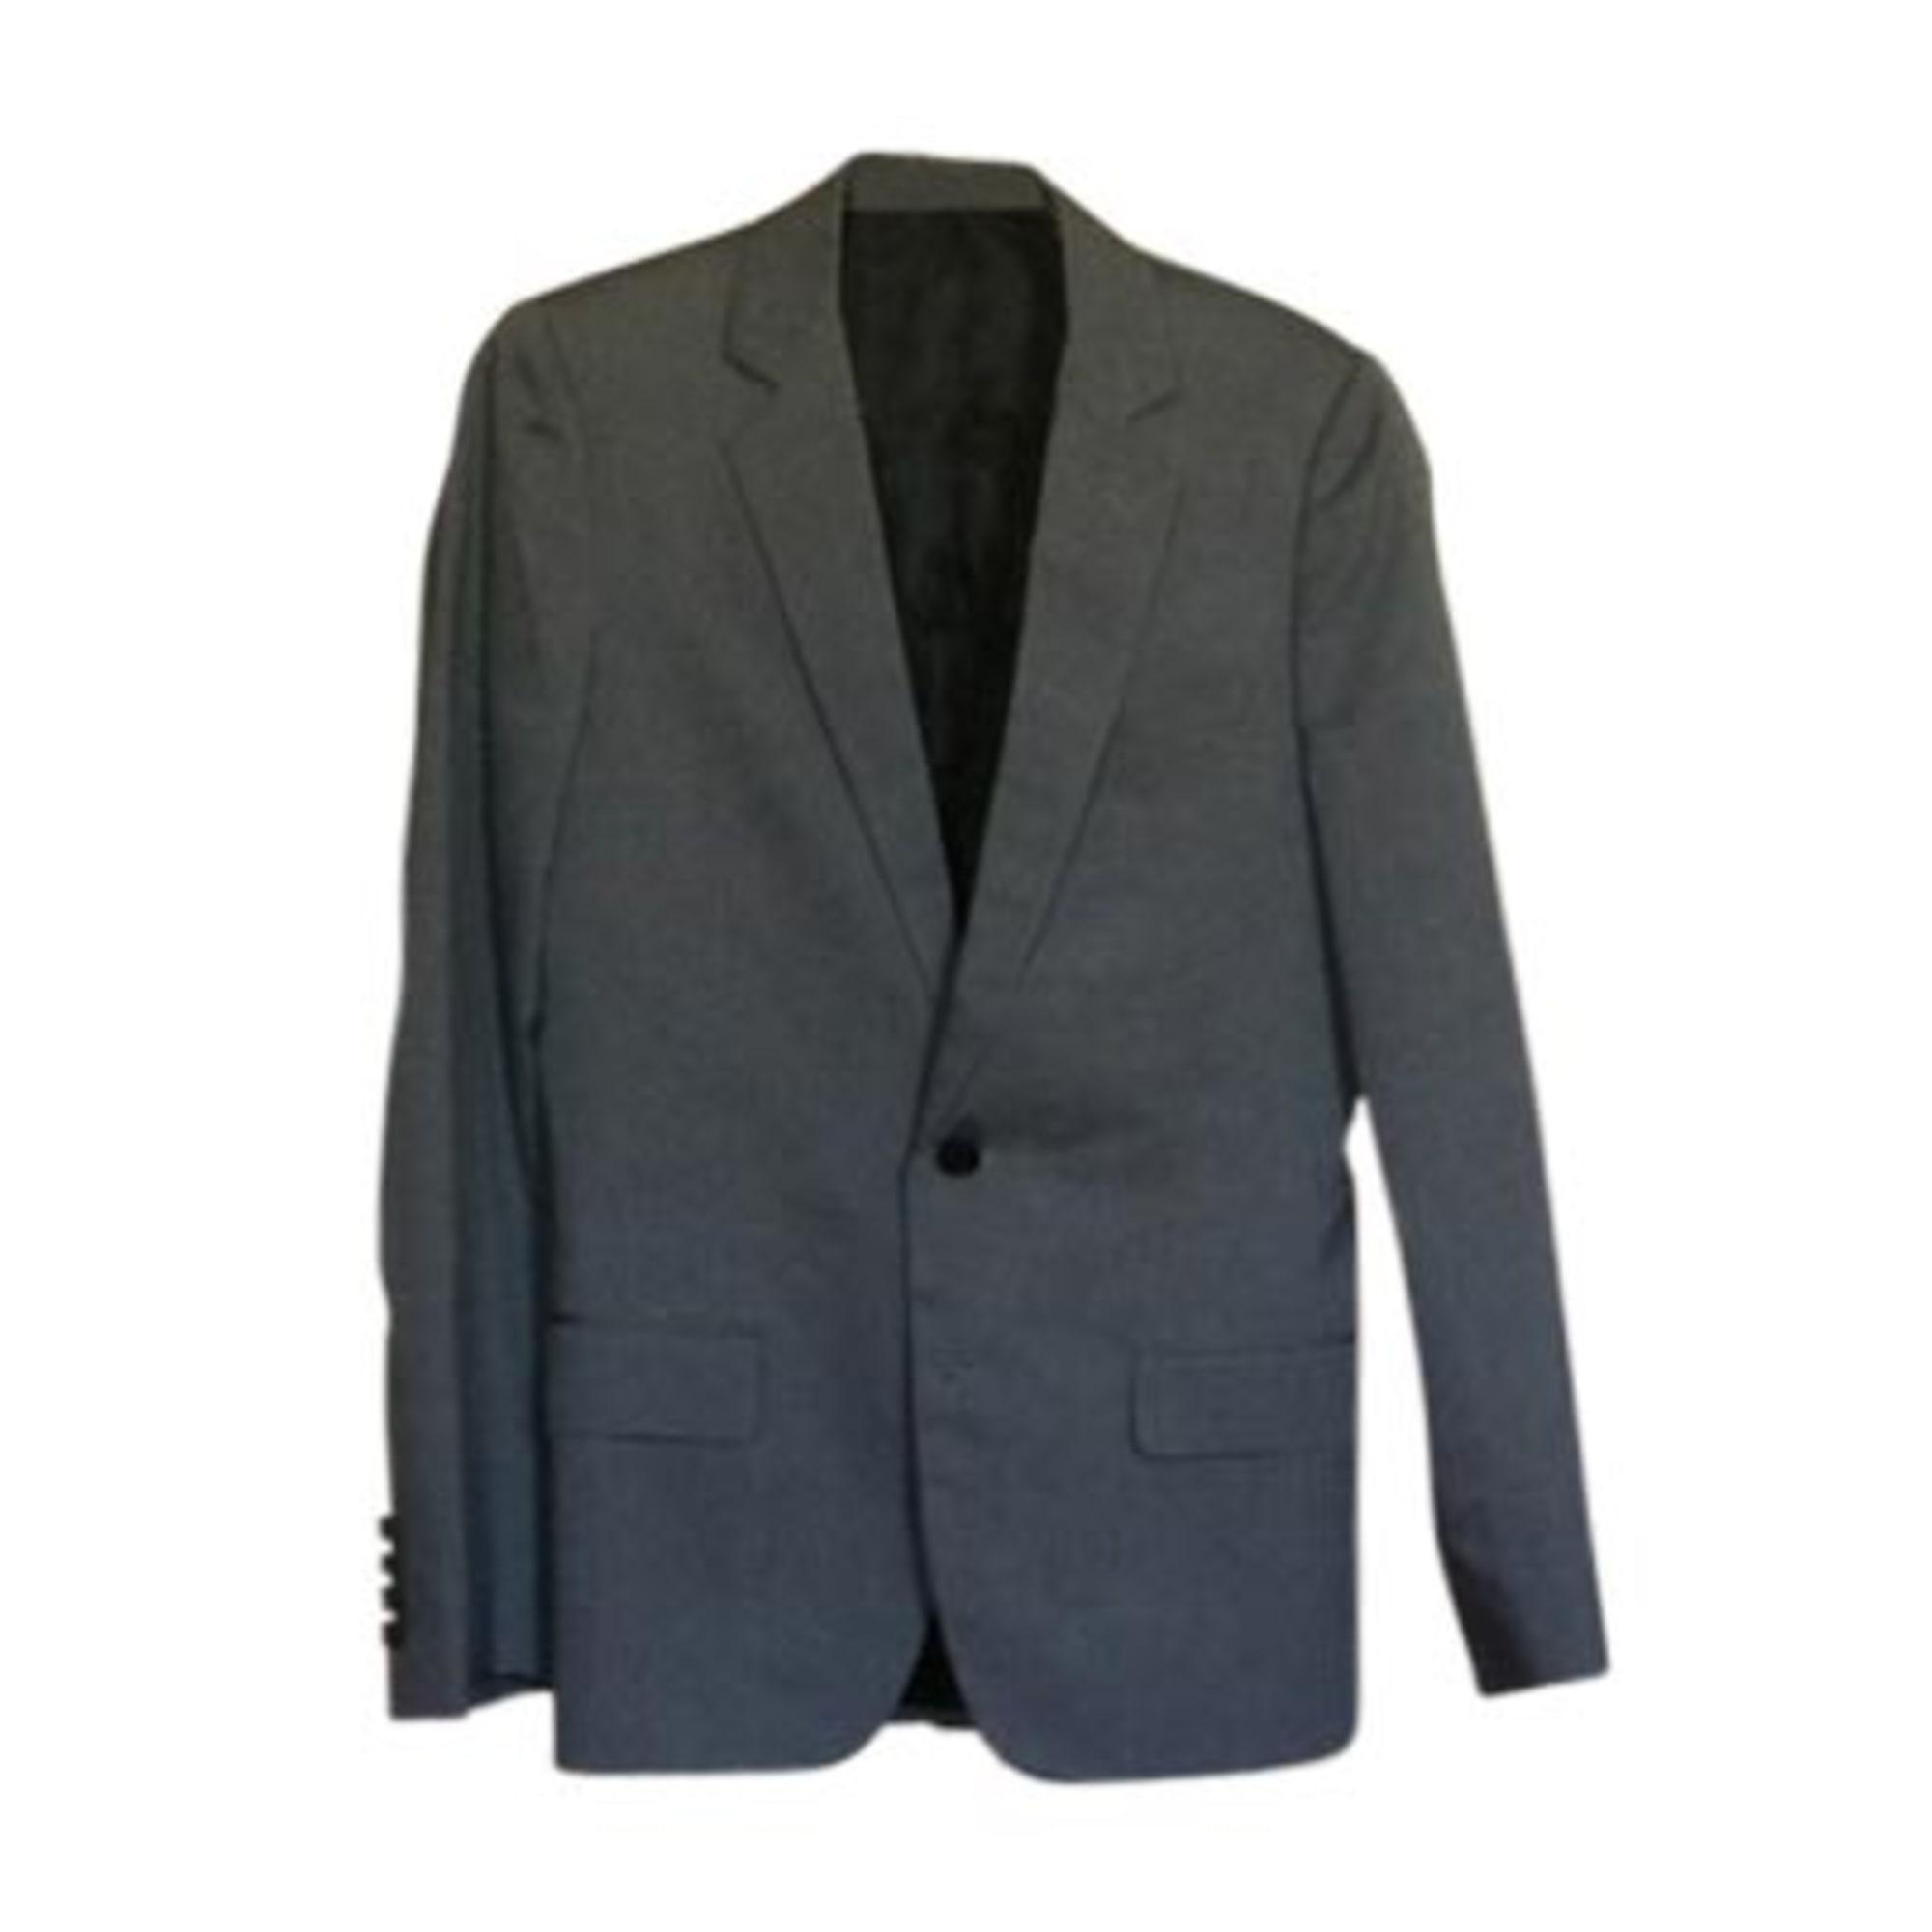 fd85584c71dc Veste de costume DIOR HOMME 44 (S) gris - 2605213